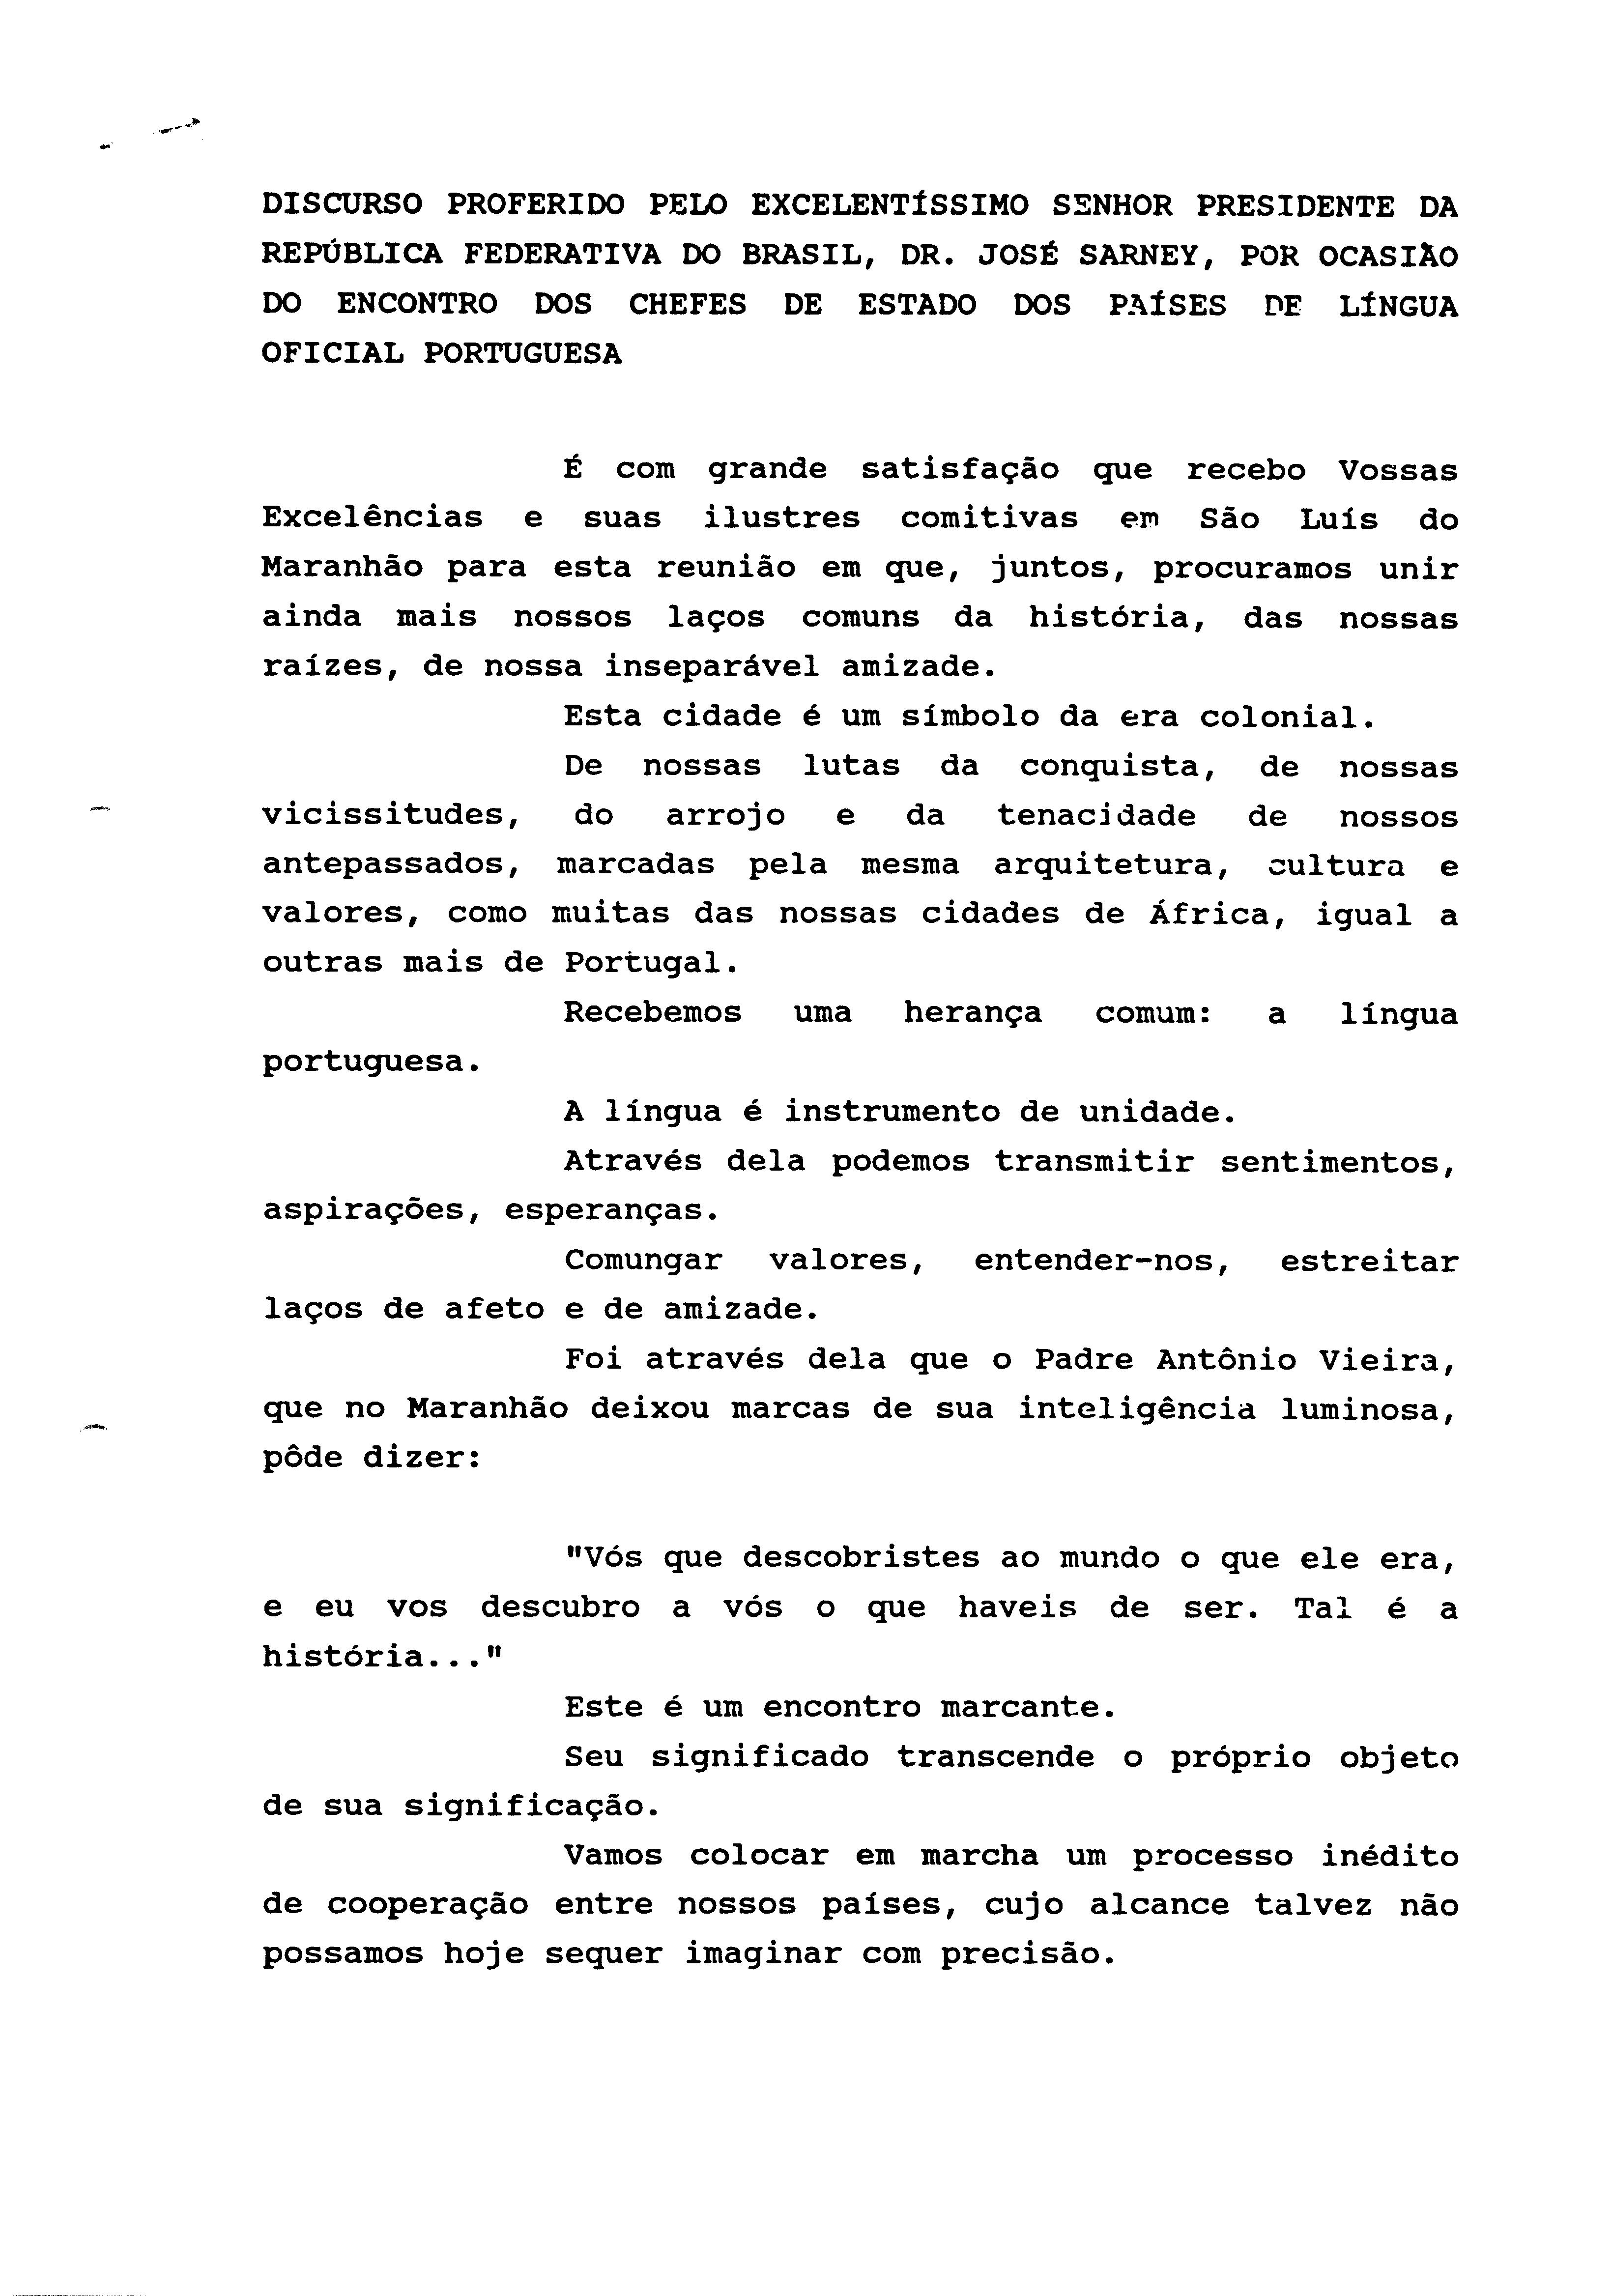 00418.018- pag.1